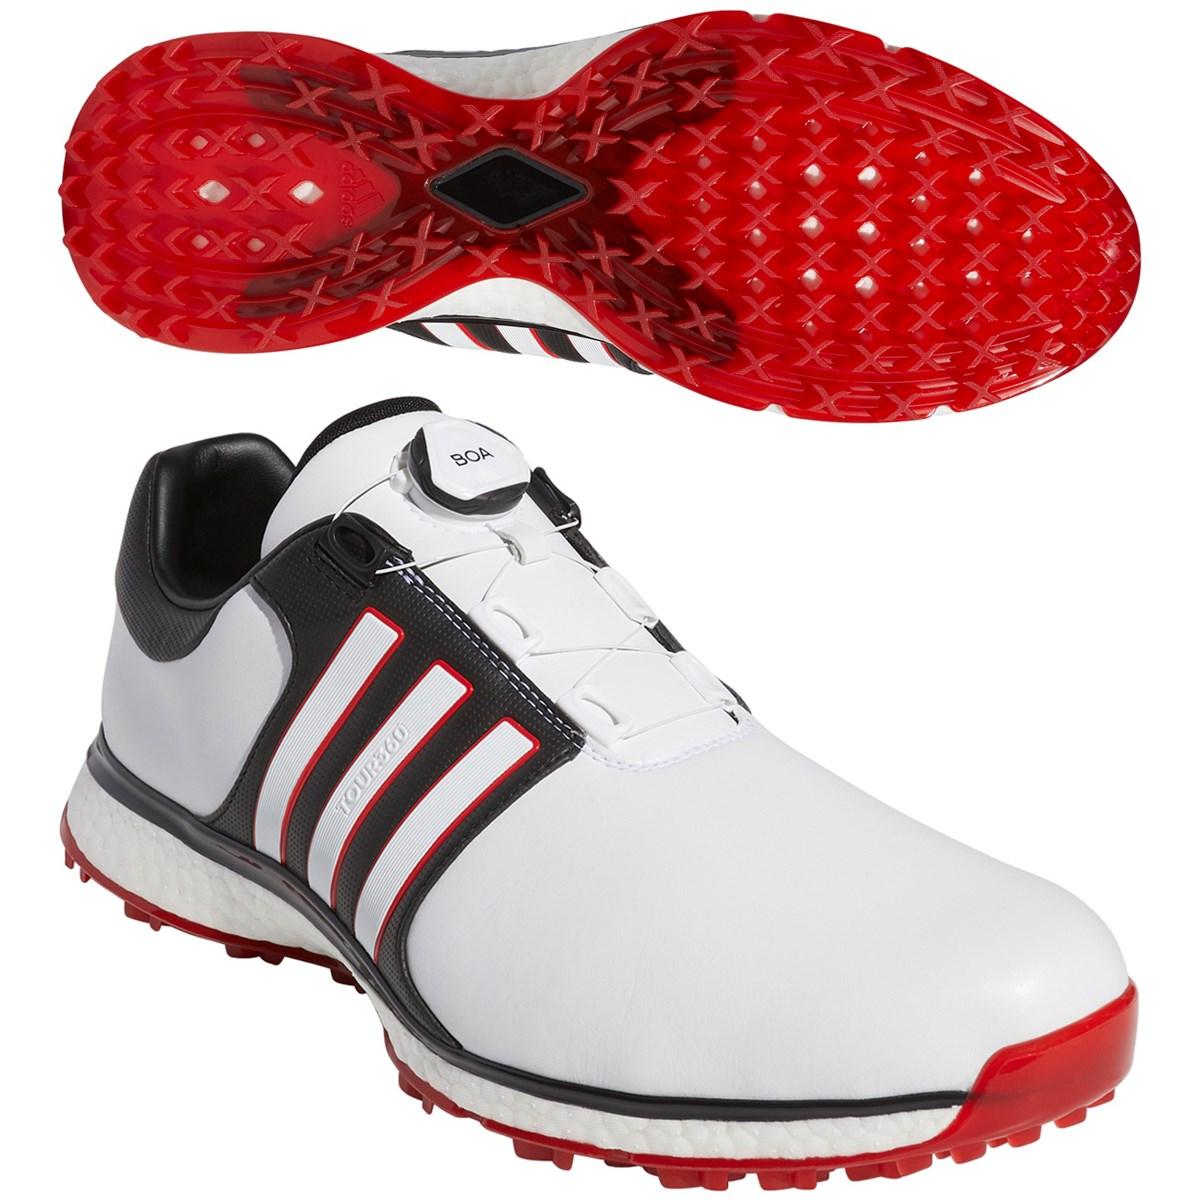 アディダス(adidas) ツアー360 XT スパイクレス ボア シューズ